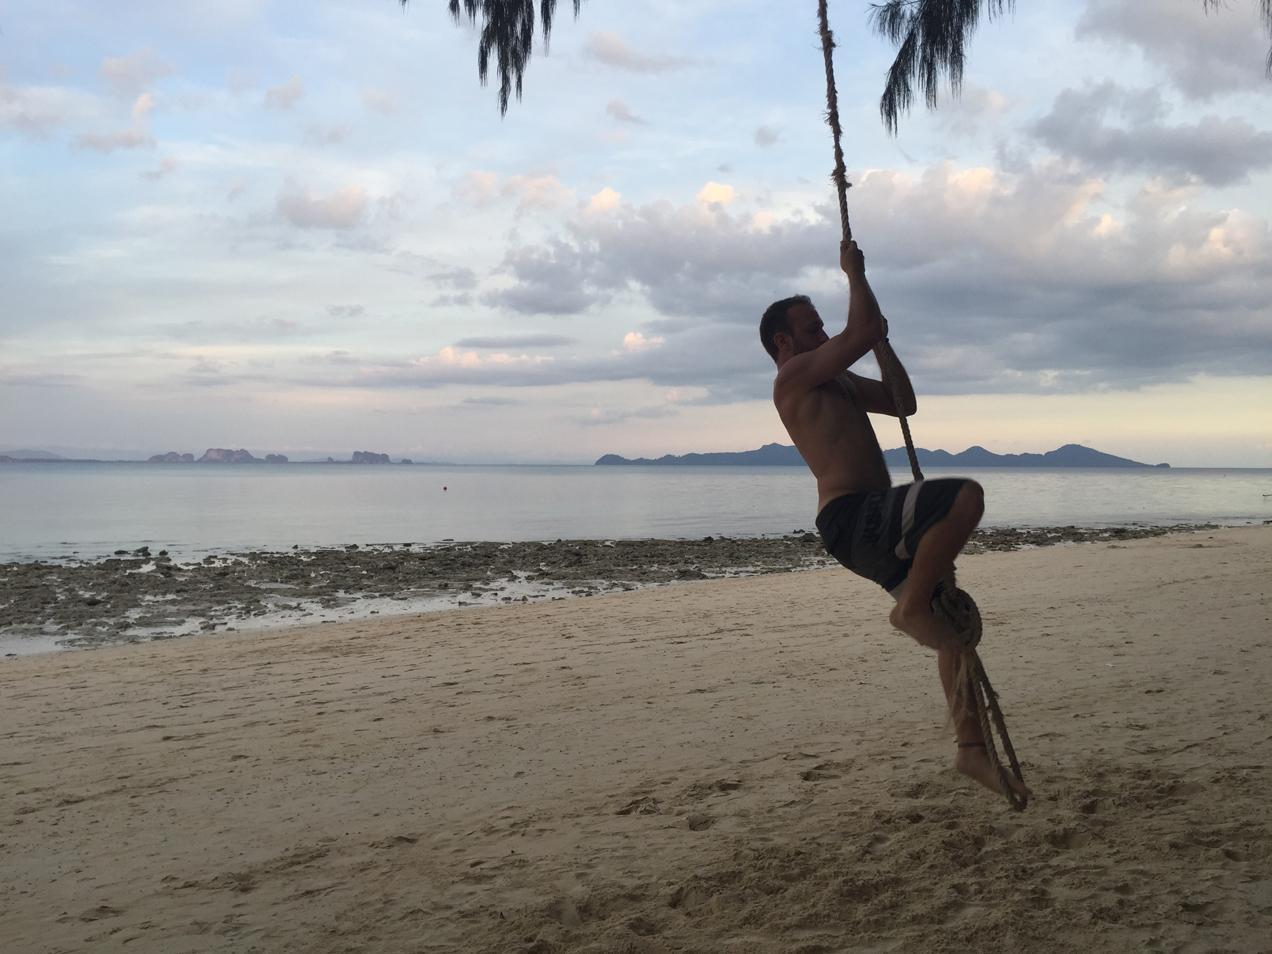 מטפס על עץ קוקוס בתאילנד